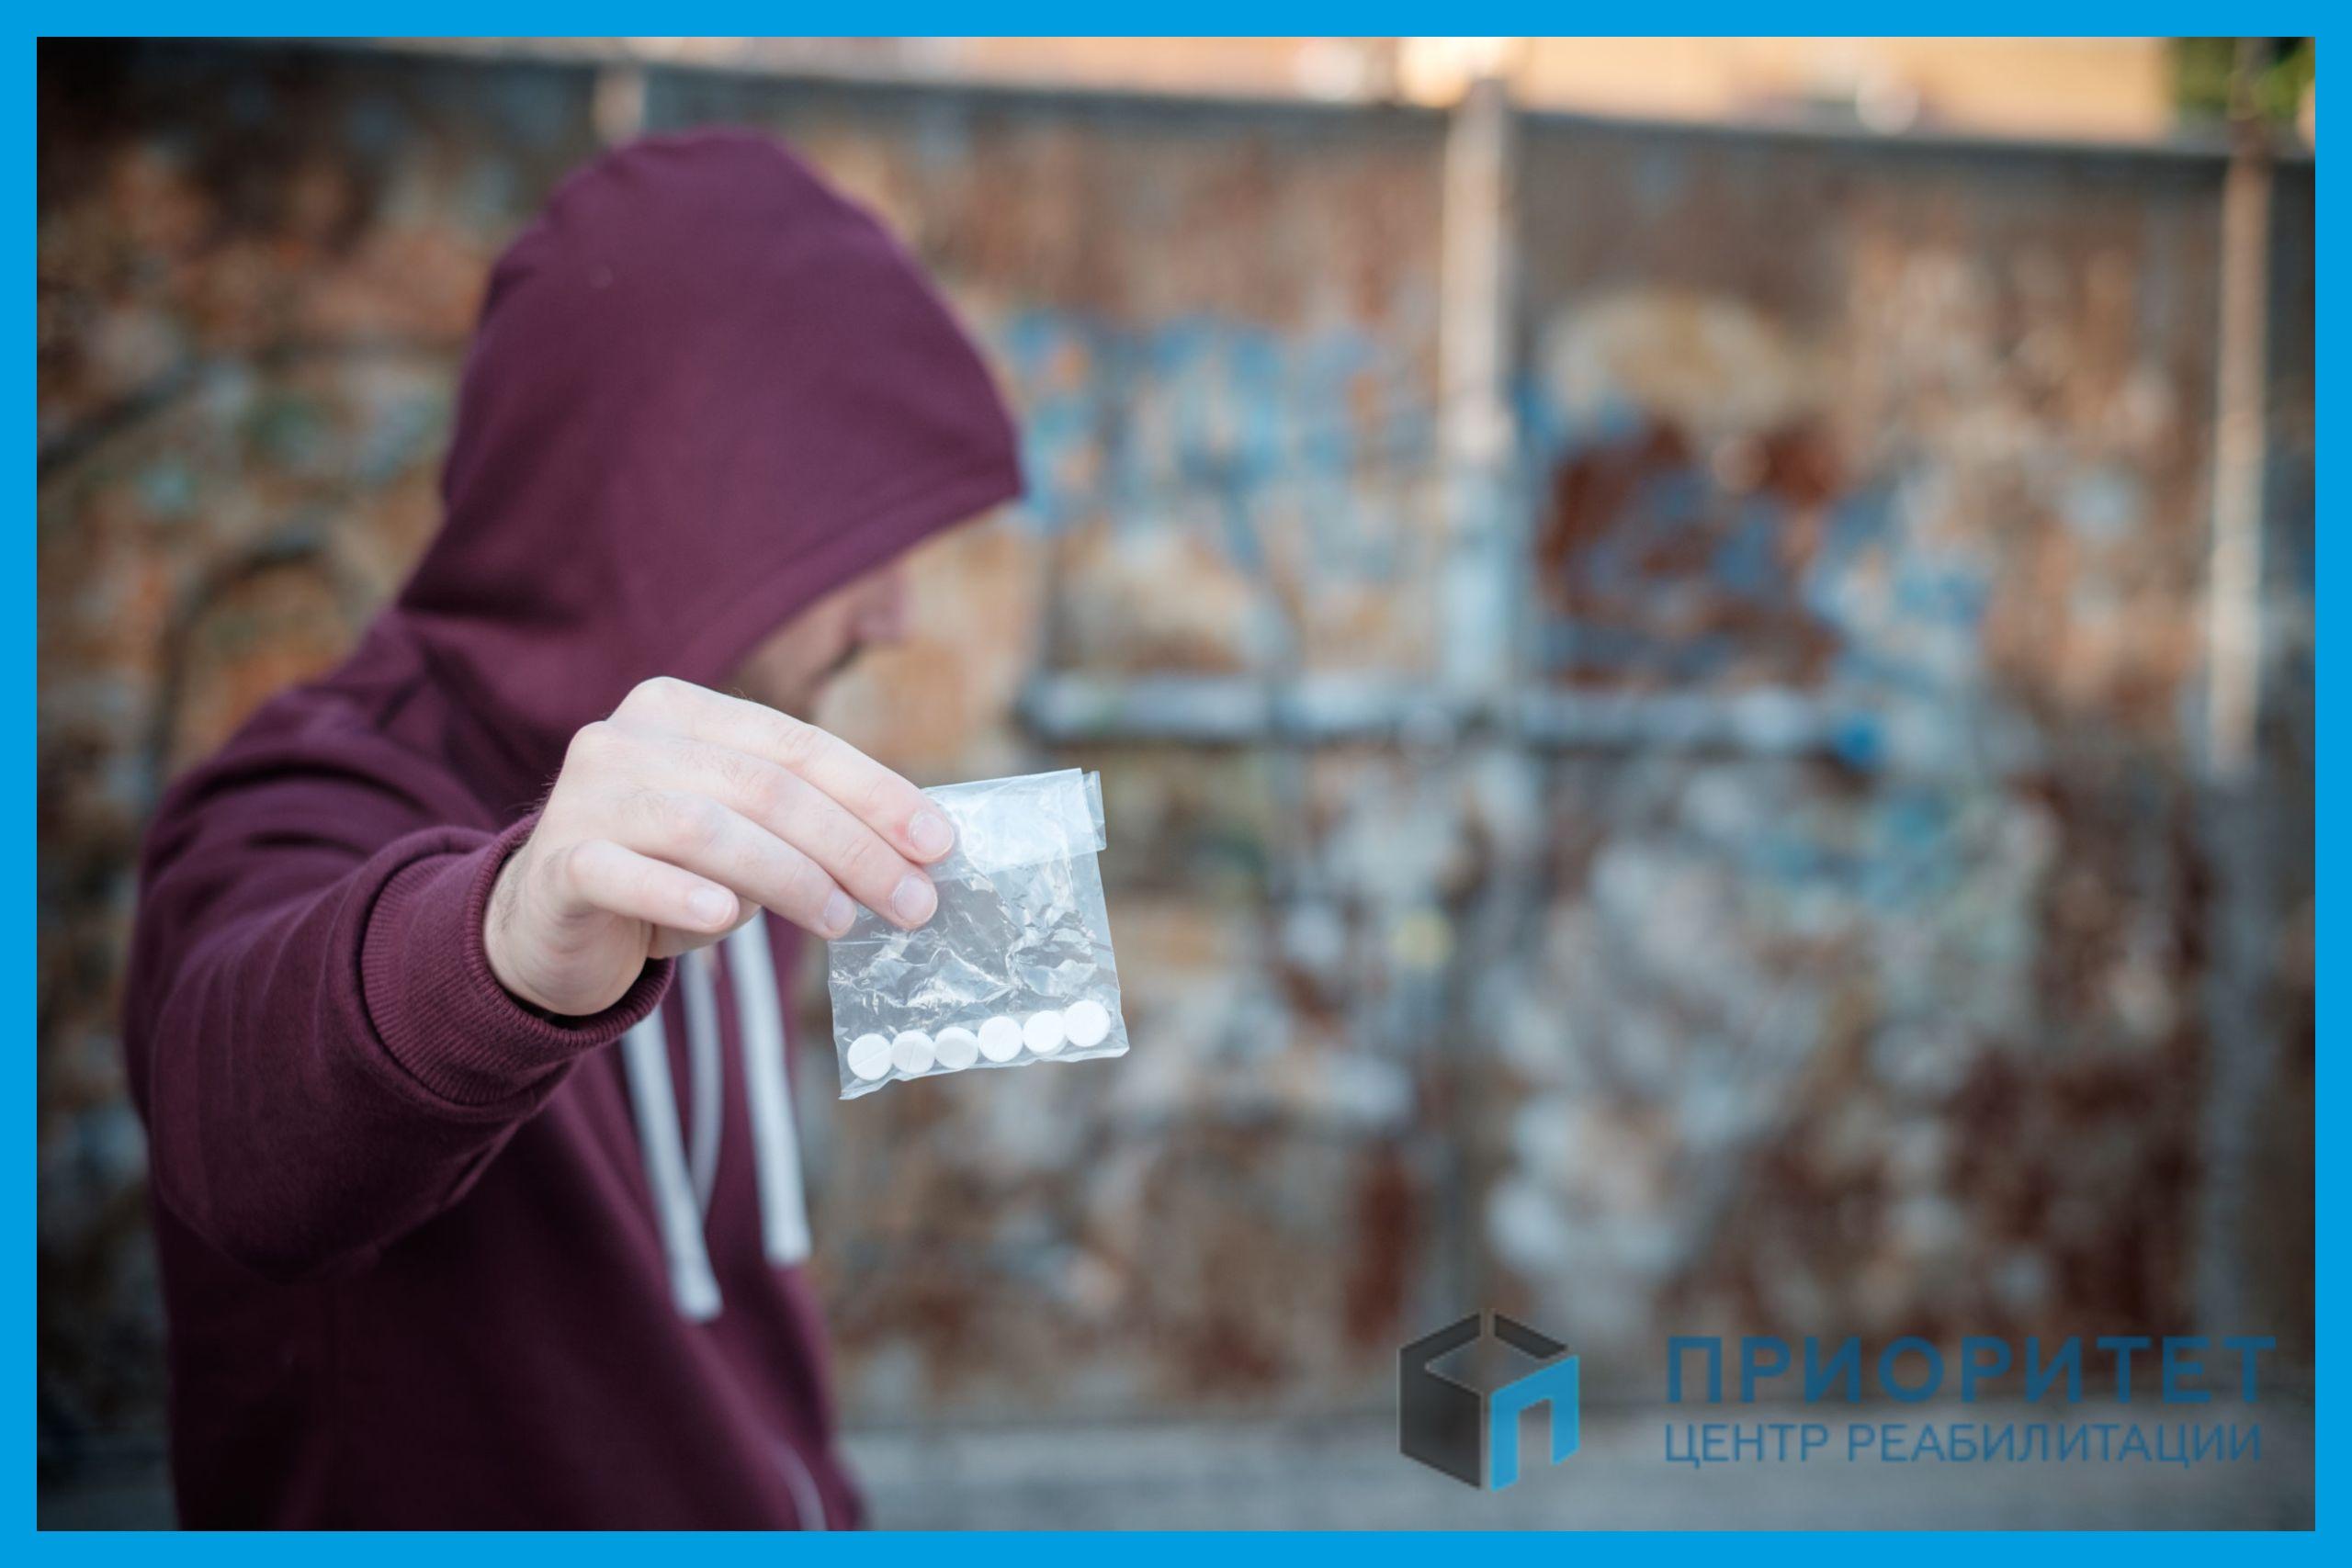 Лечение наркозависимости в Житомире